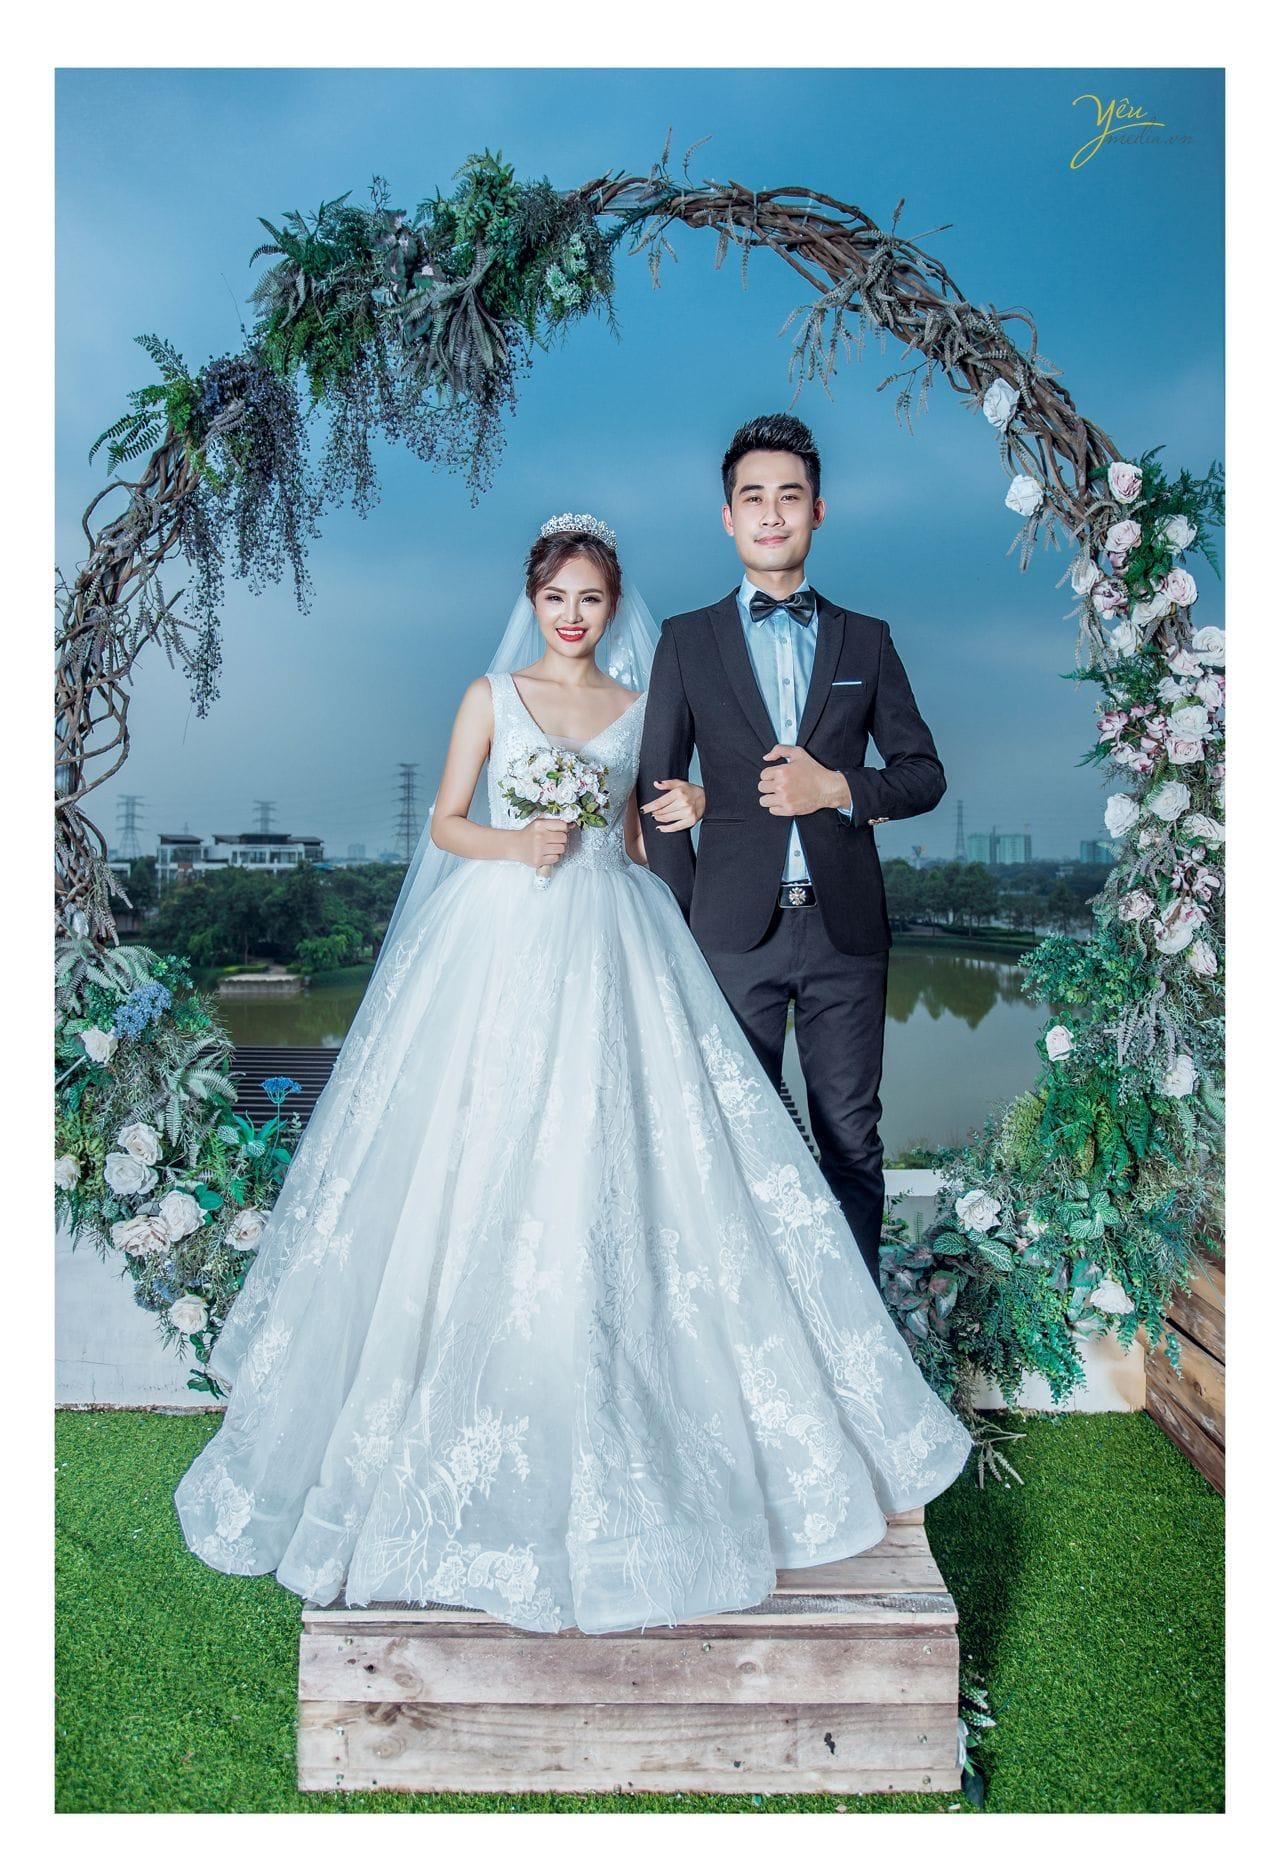 ảnh chụp cô dâu chú rể đứng trước cổng hoa